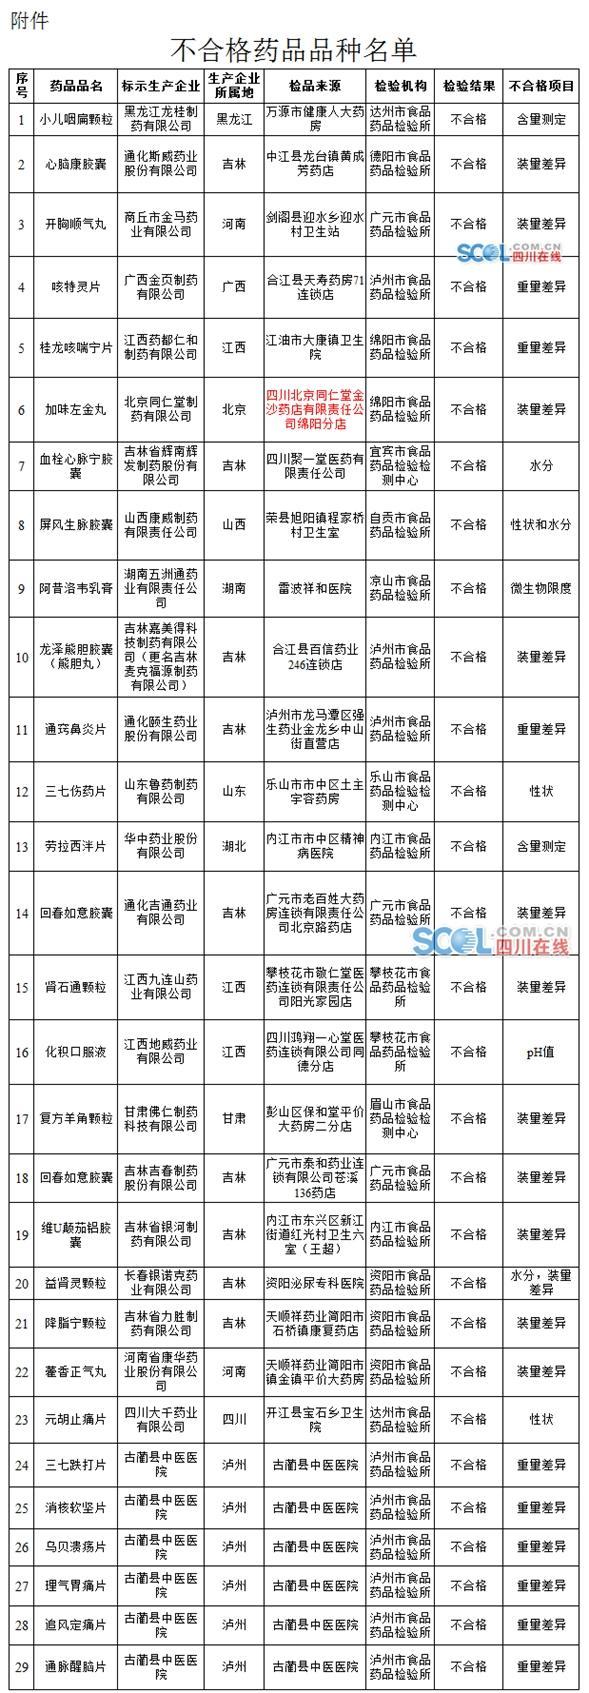 """四川曝光29批次药品不合格 北京同仁堂上""""黑榜"""""""